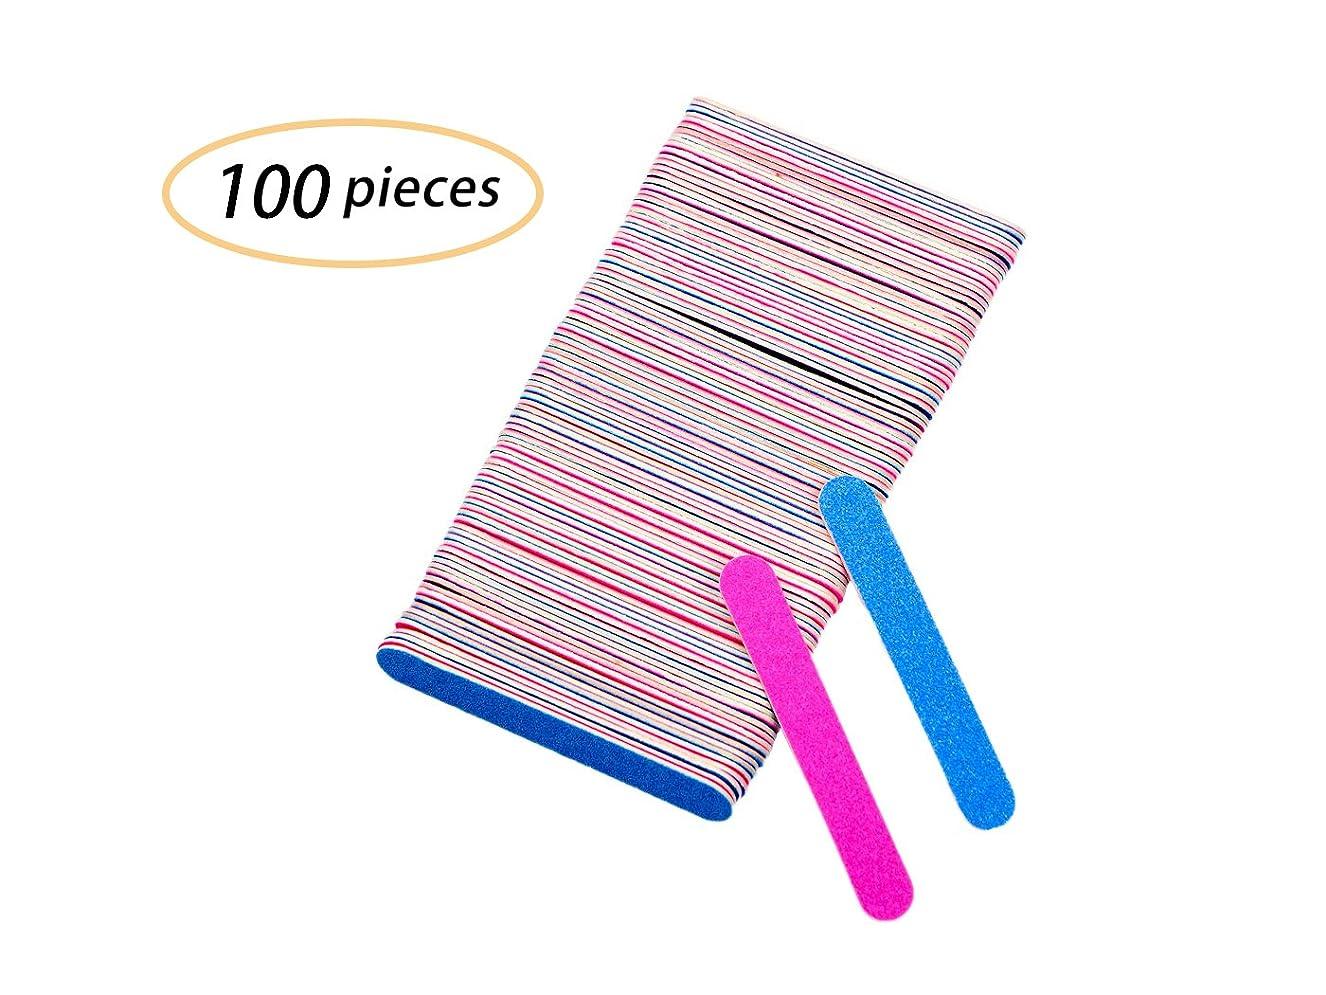 古代おとこ評論家Yolito 100pcs ネイルファイル エメリーボード 爪やすり使い捨て 爪磨き両面 ジェルネイル/自爪(180、240グリット)